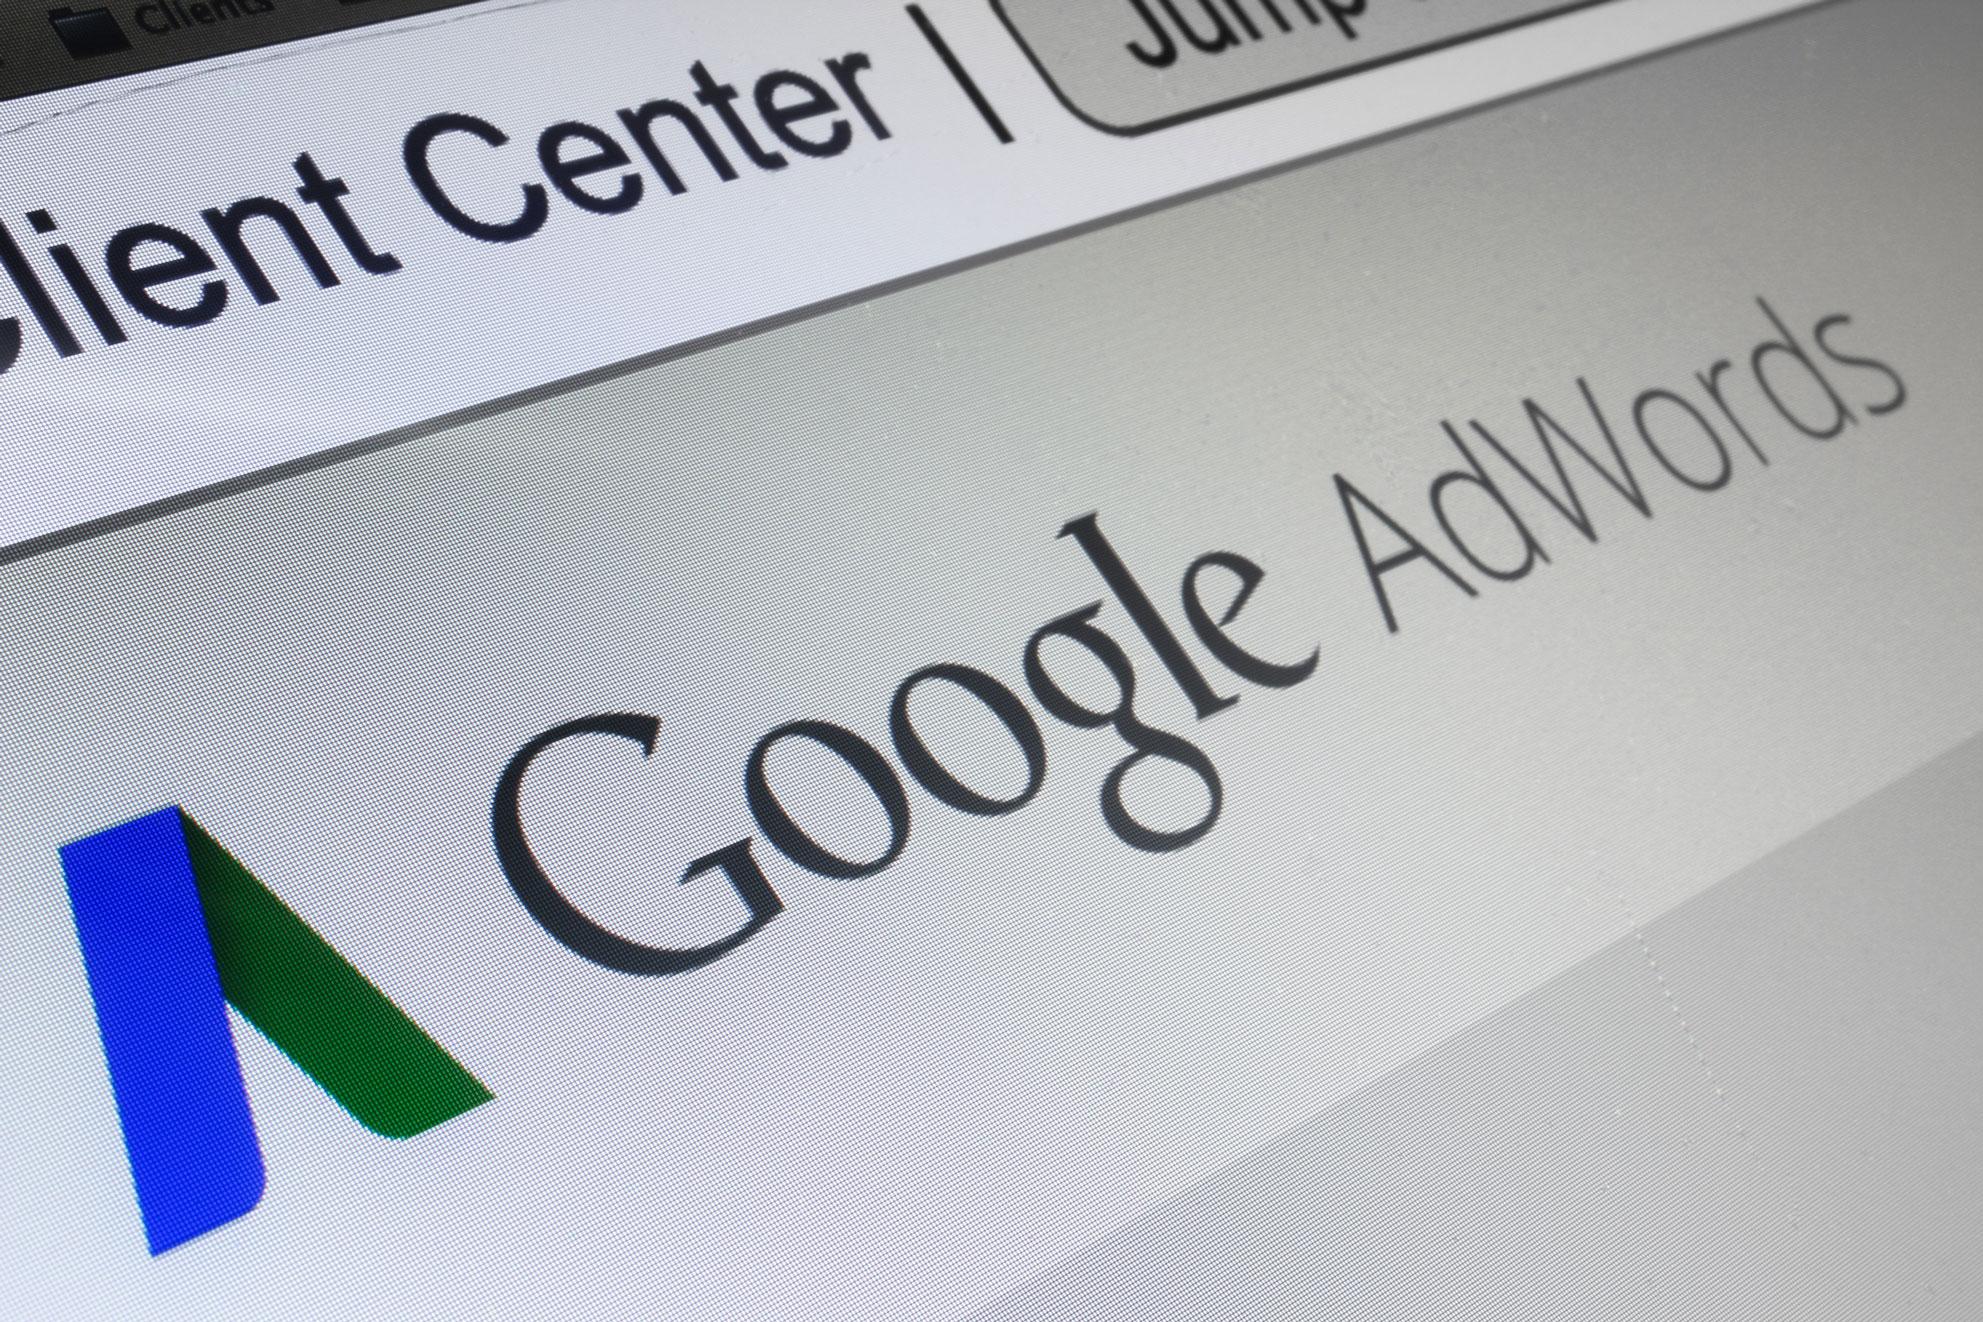 Kreatic booste votre visibilité sur Google en gérant vos campagnes Google AdWords.